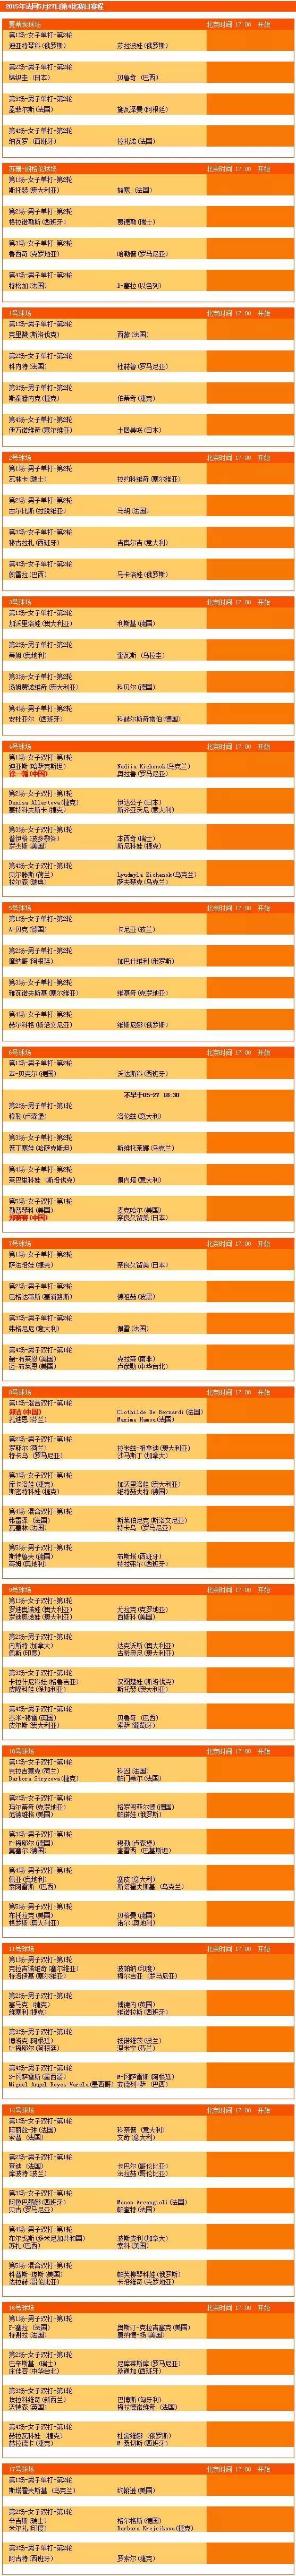 【5月27日】2015年法网第四天完整赛程